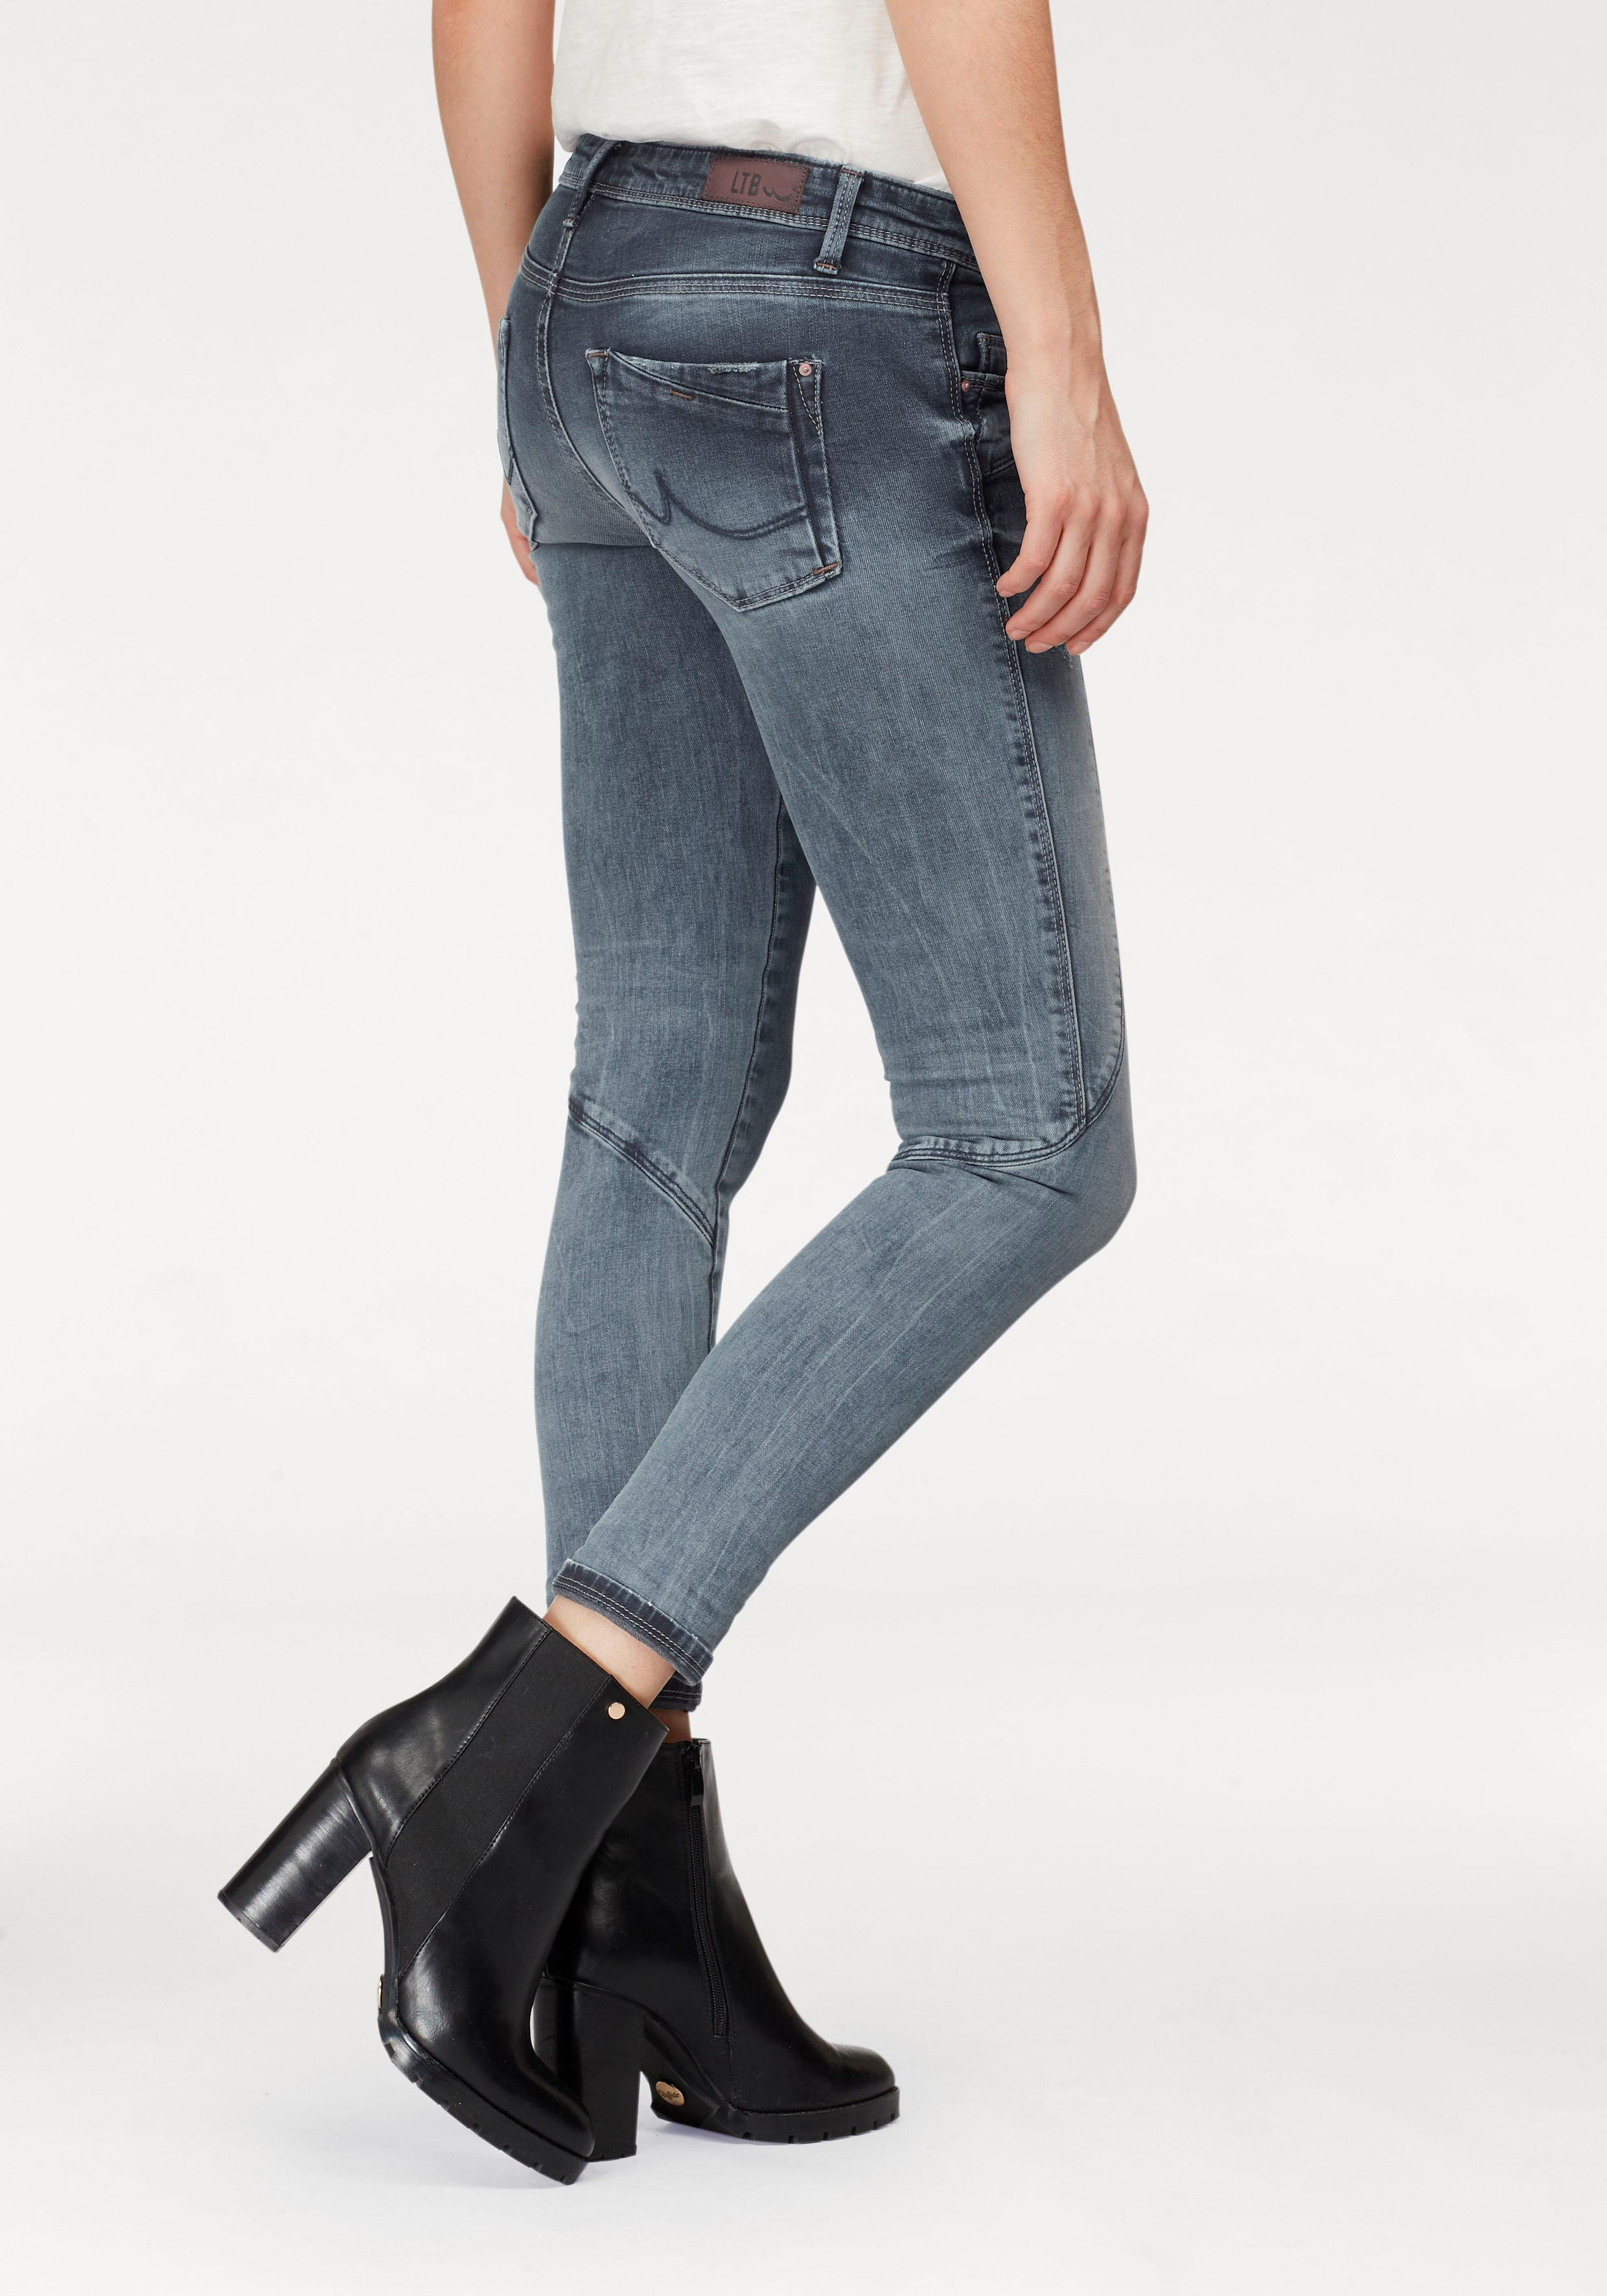 LTB Slim-fit-Jeans DOTTY Preisvergleich